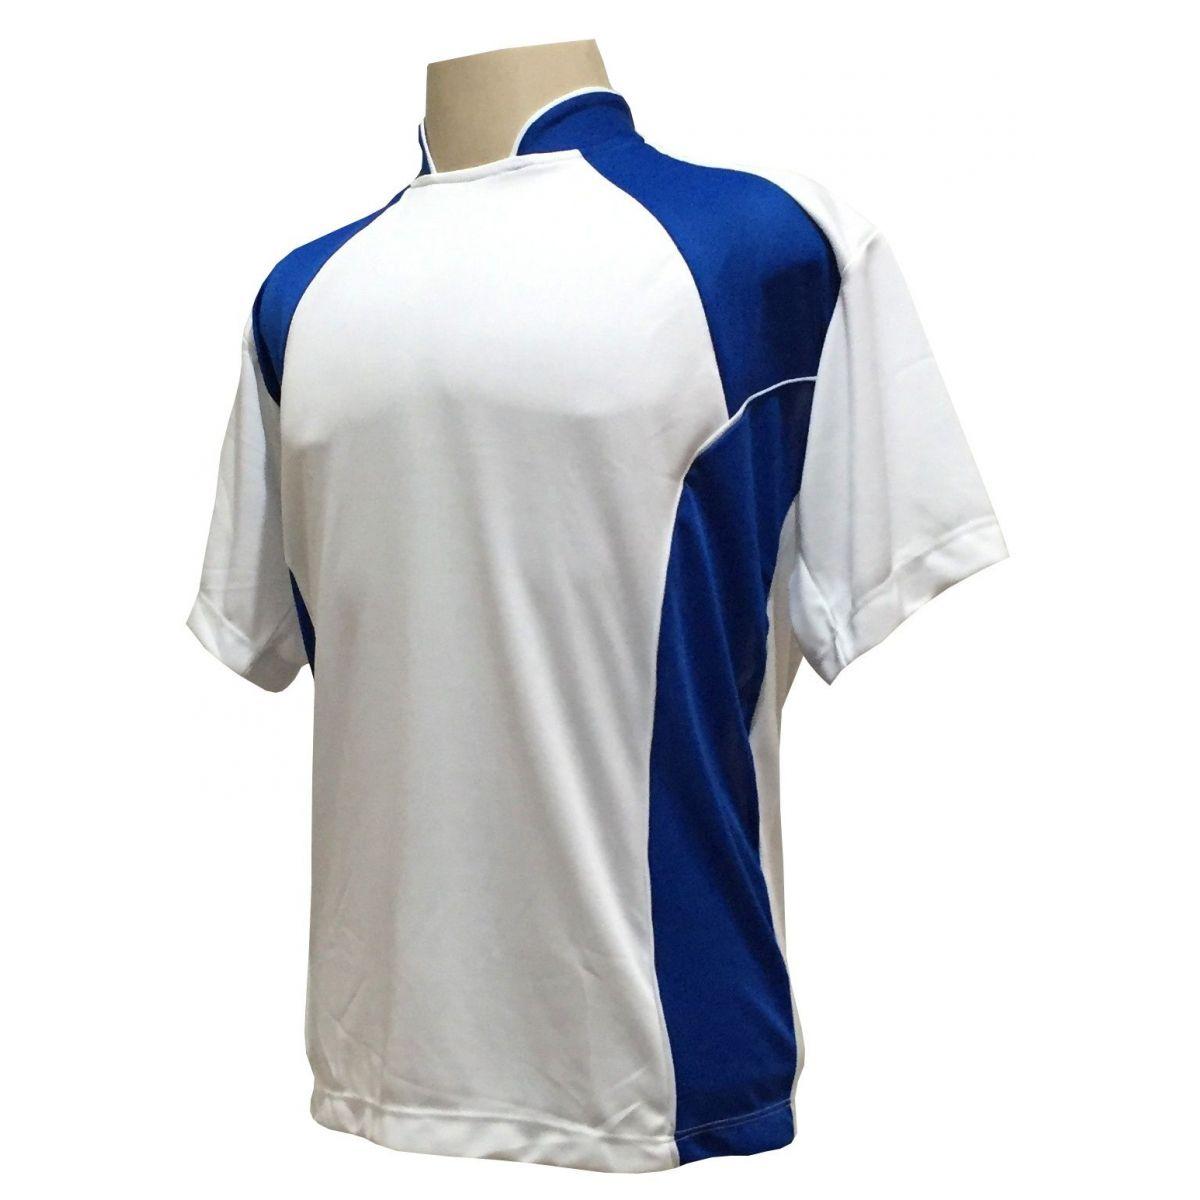 Jogo de Camisa com 14 unidades modelo Suécia Branco/Royal + Brindes